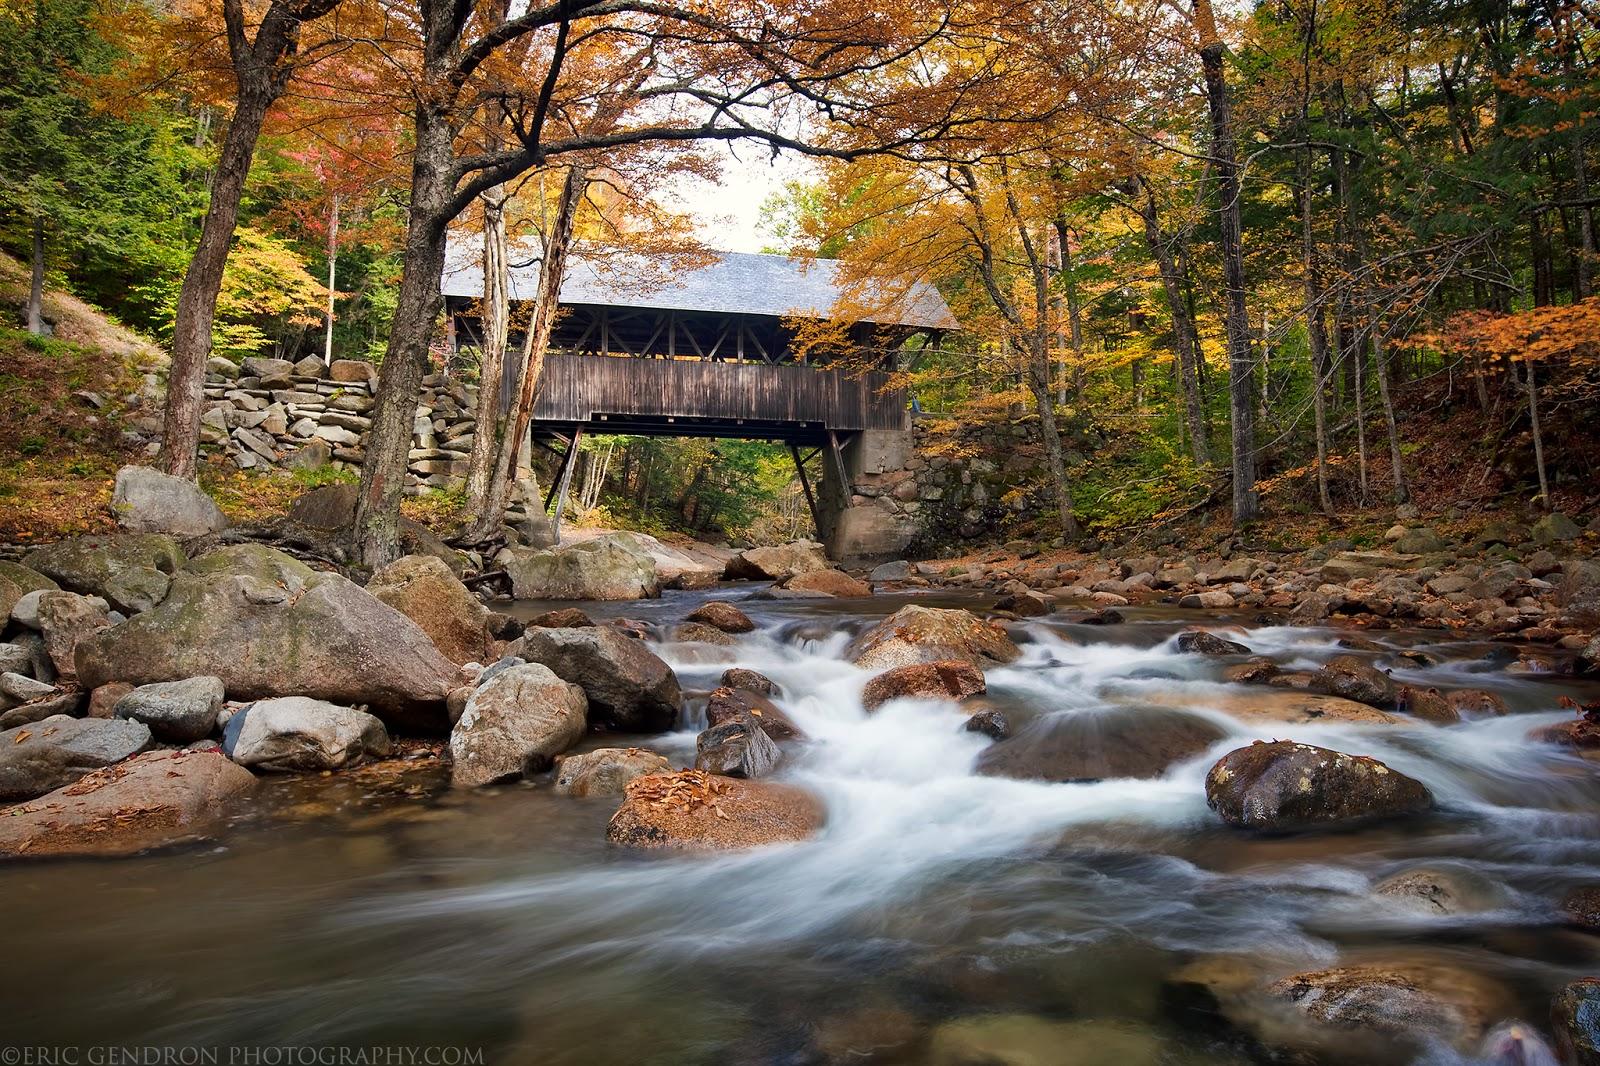 autumn foliage at the Flume Covered Bridge